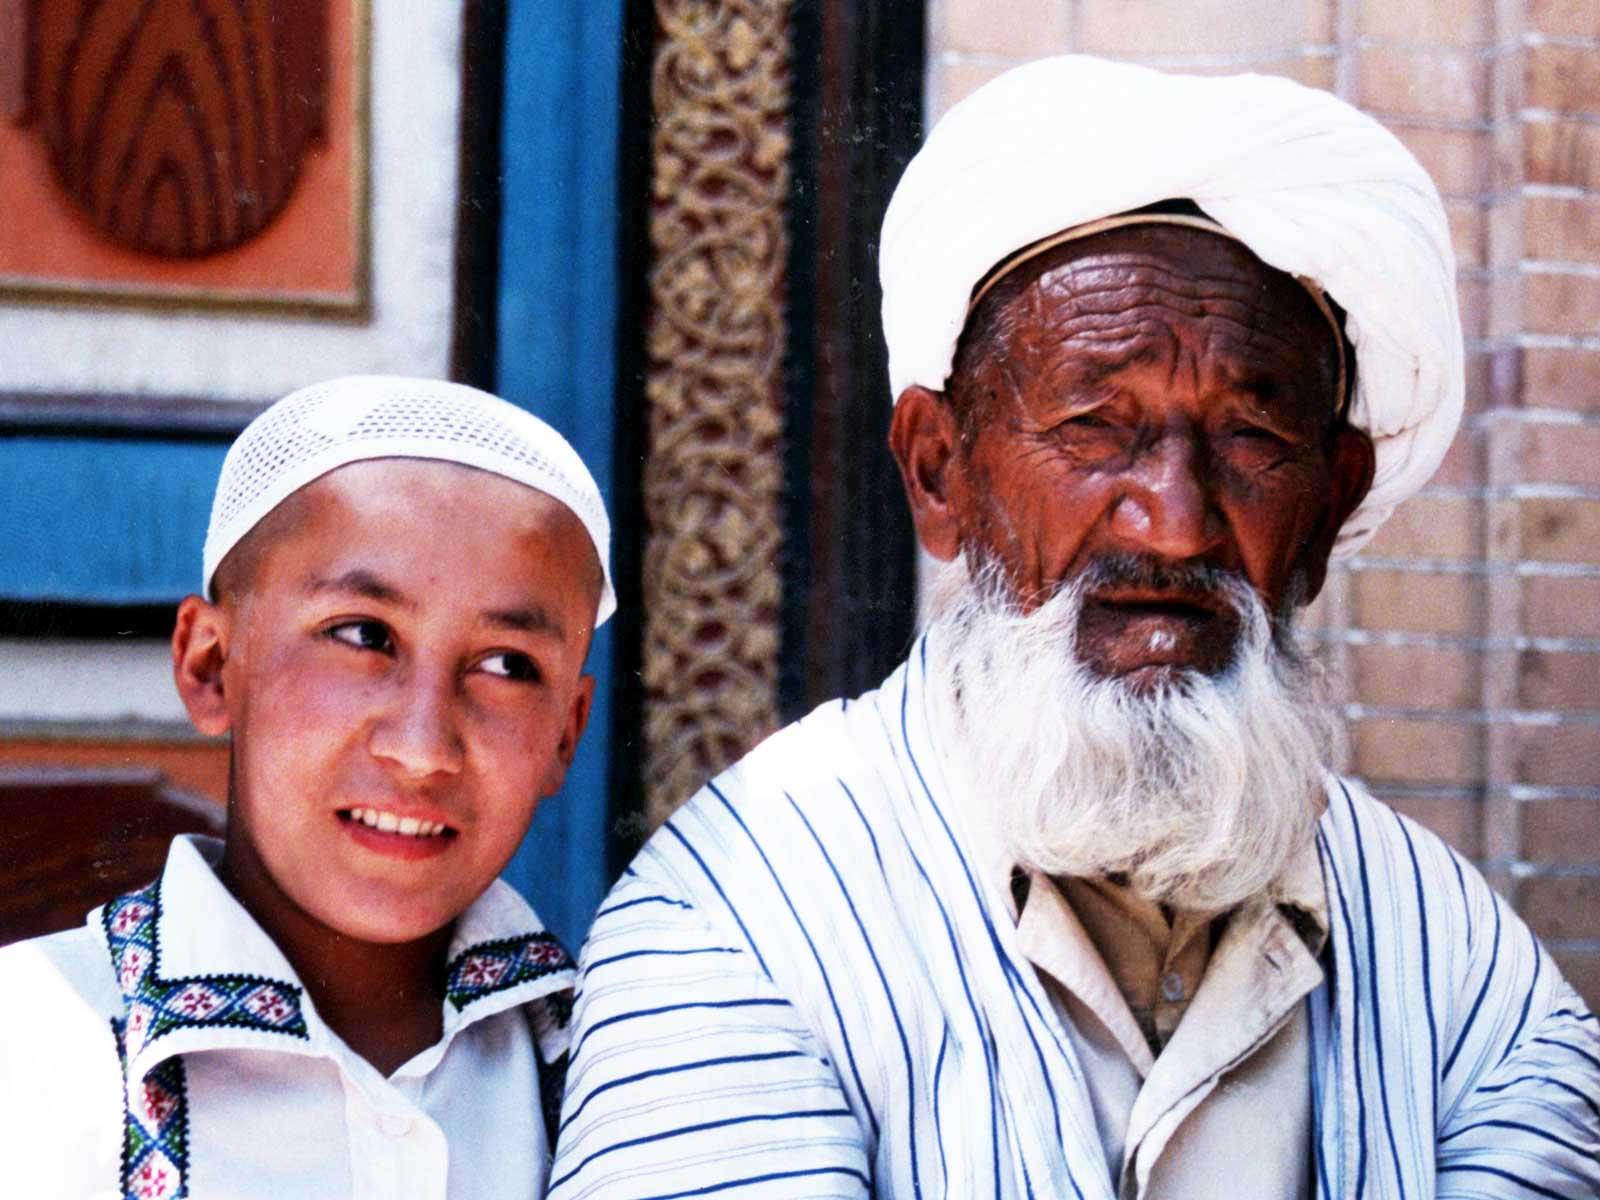 Kashgar, Xinjiang, China - Silk Road - Steven Andrew Martin